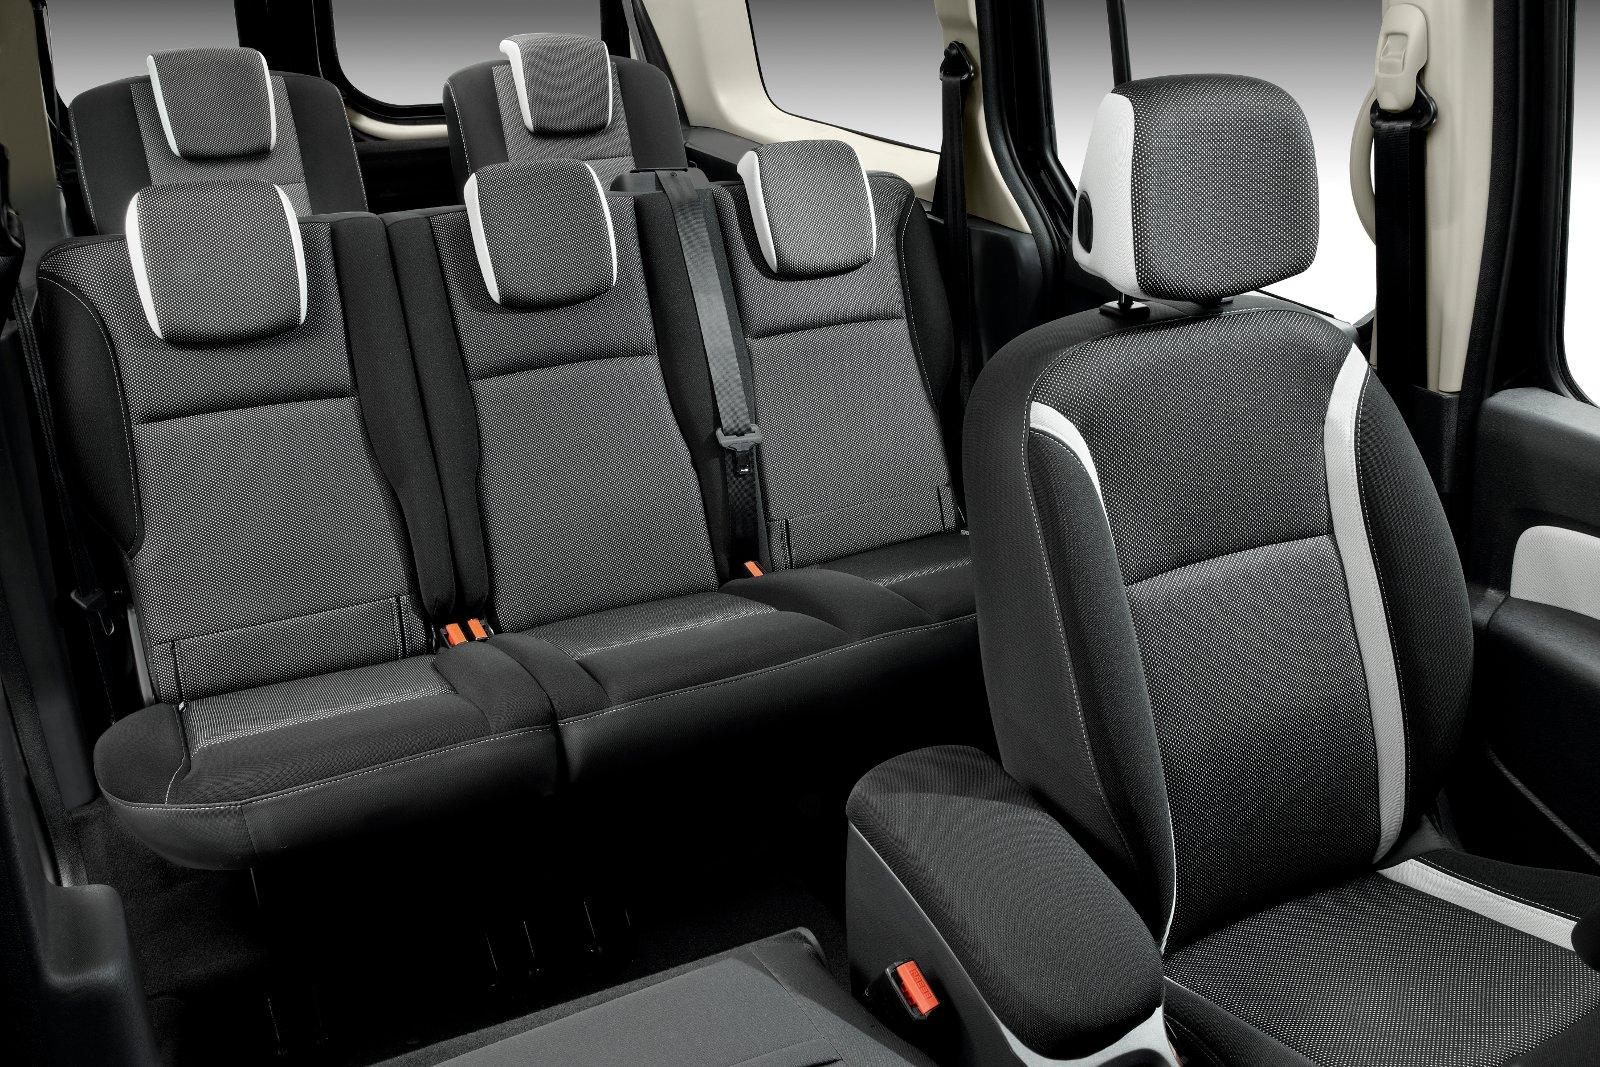 2012 Renault Grand Kangoo 7-seat Van - Price €20 750